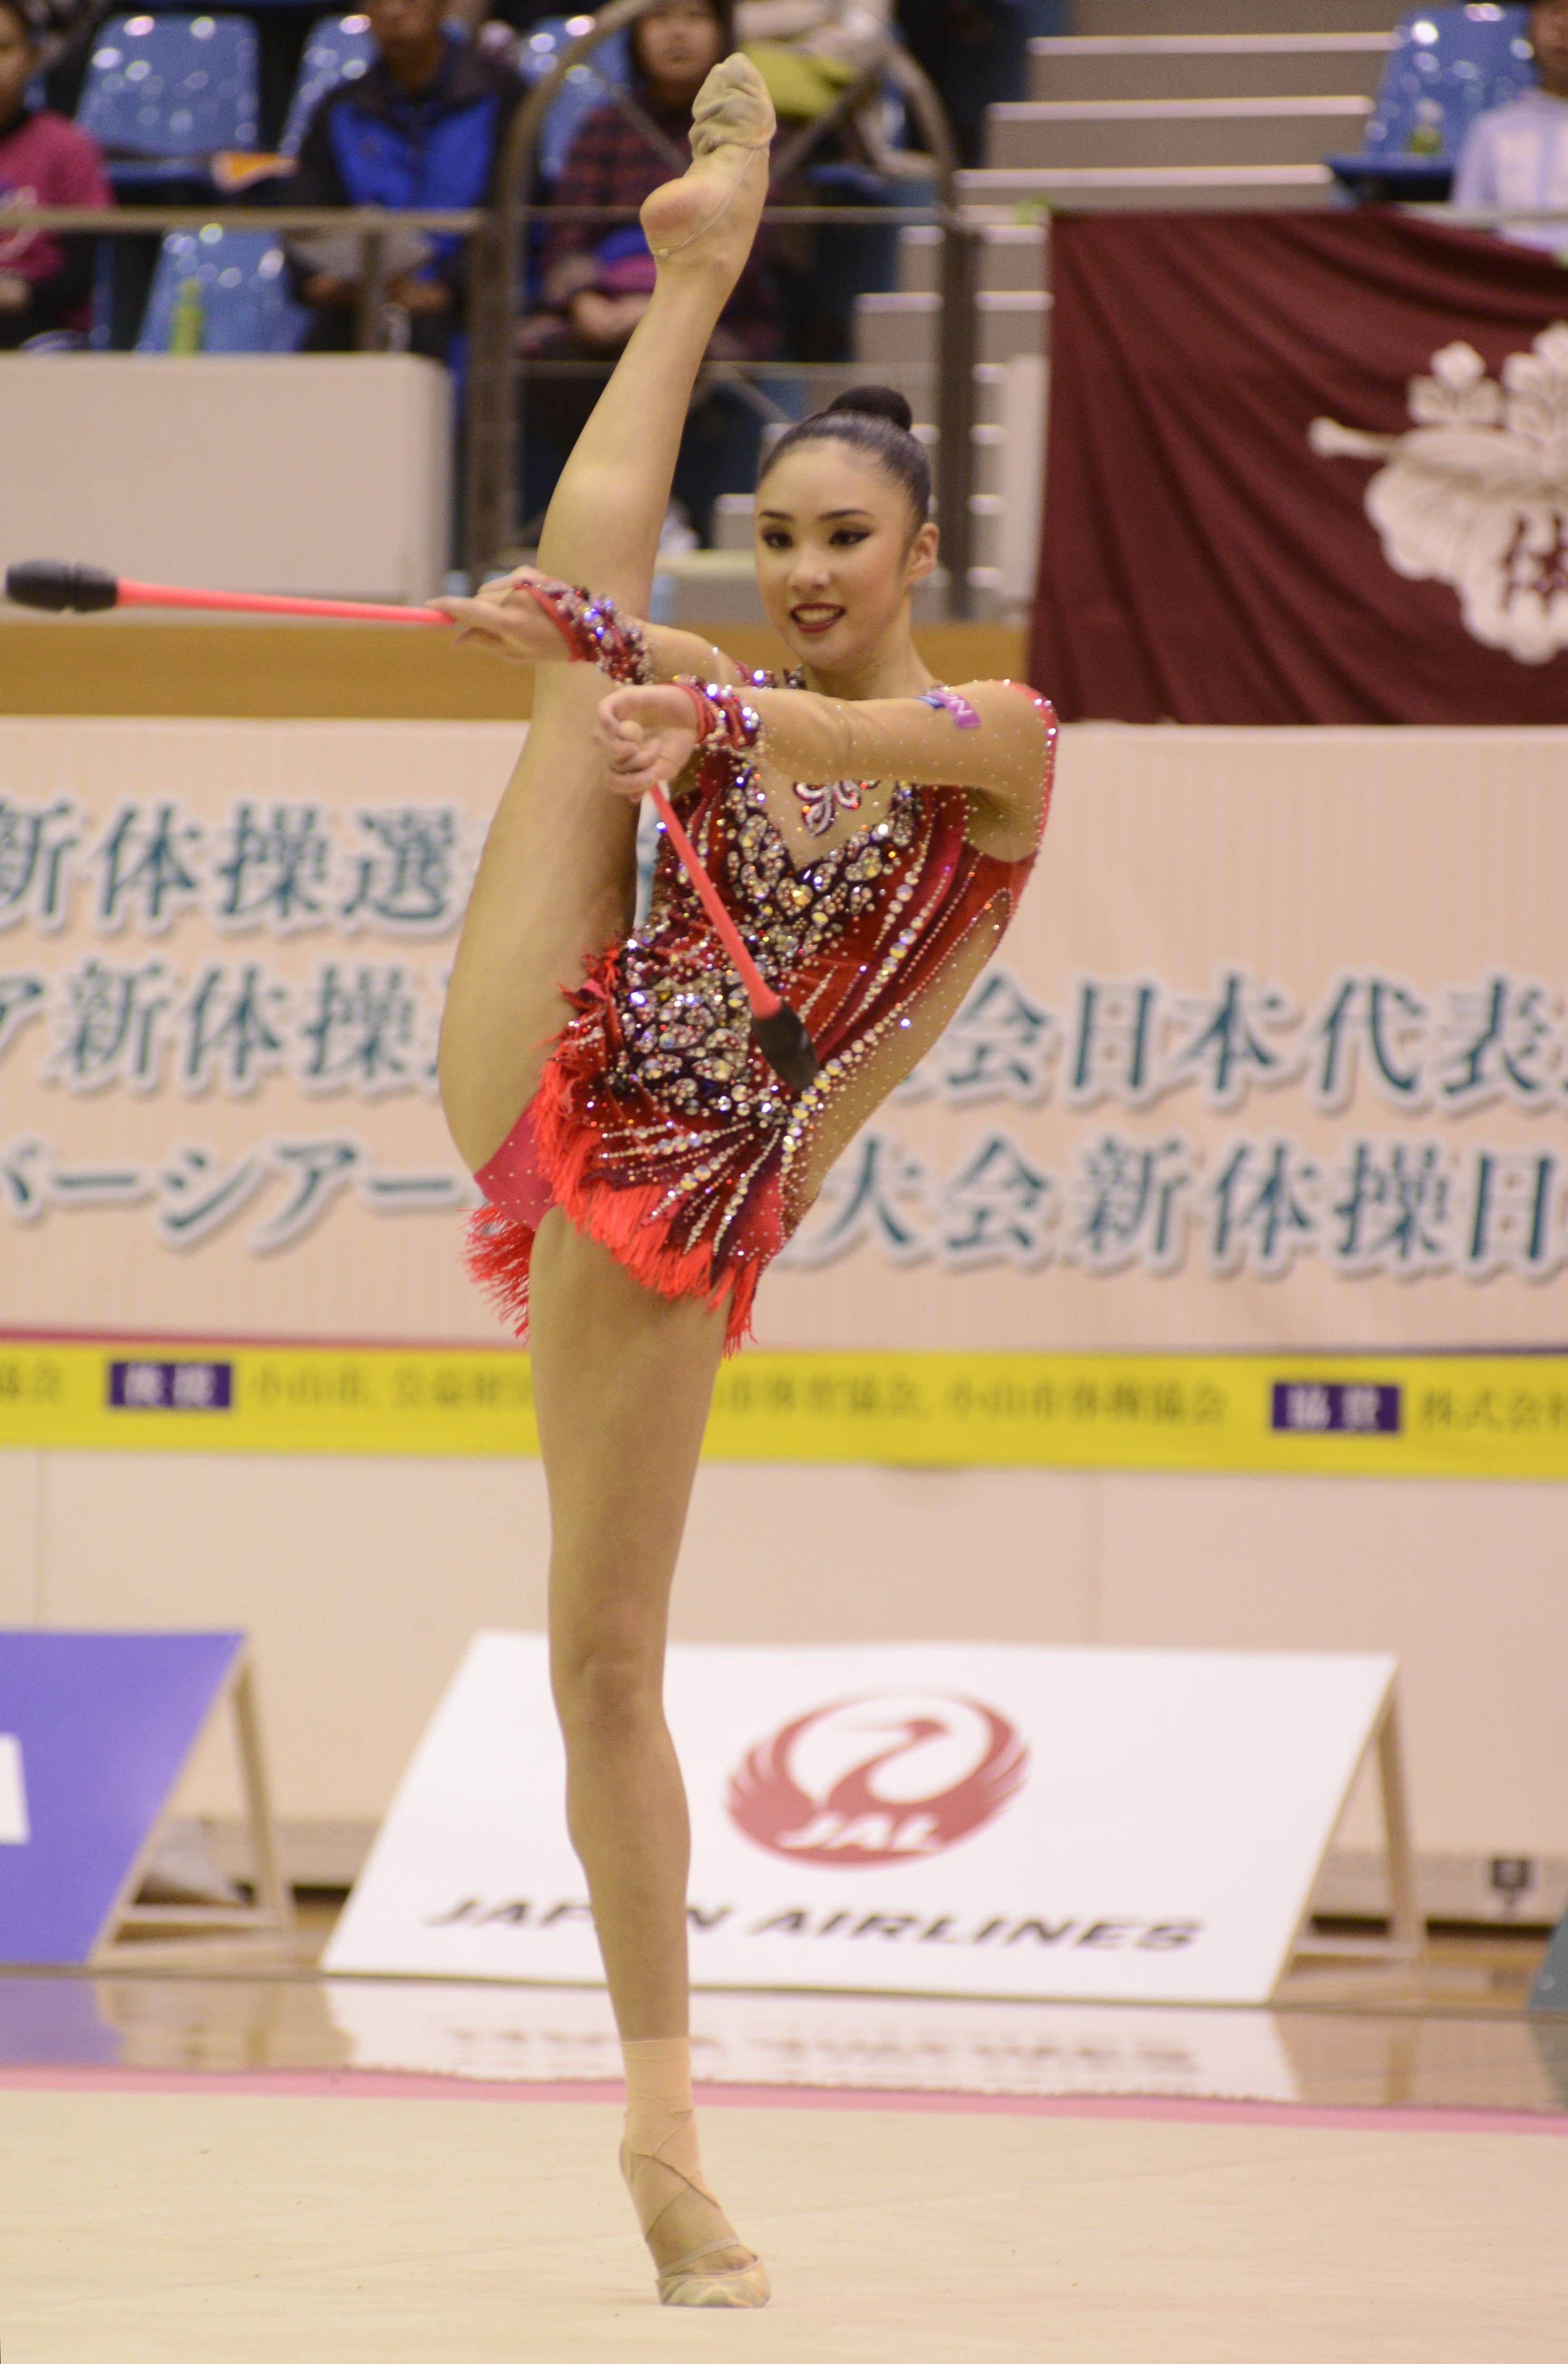 新体操 第7回アジア新体操選手権大会、開幕! | 大会レポート | Topics | Rhythmic Gymnastics Lovers